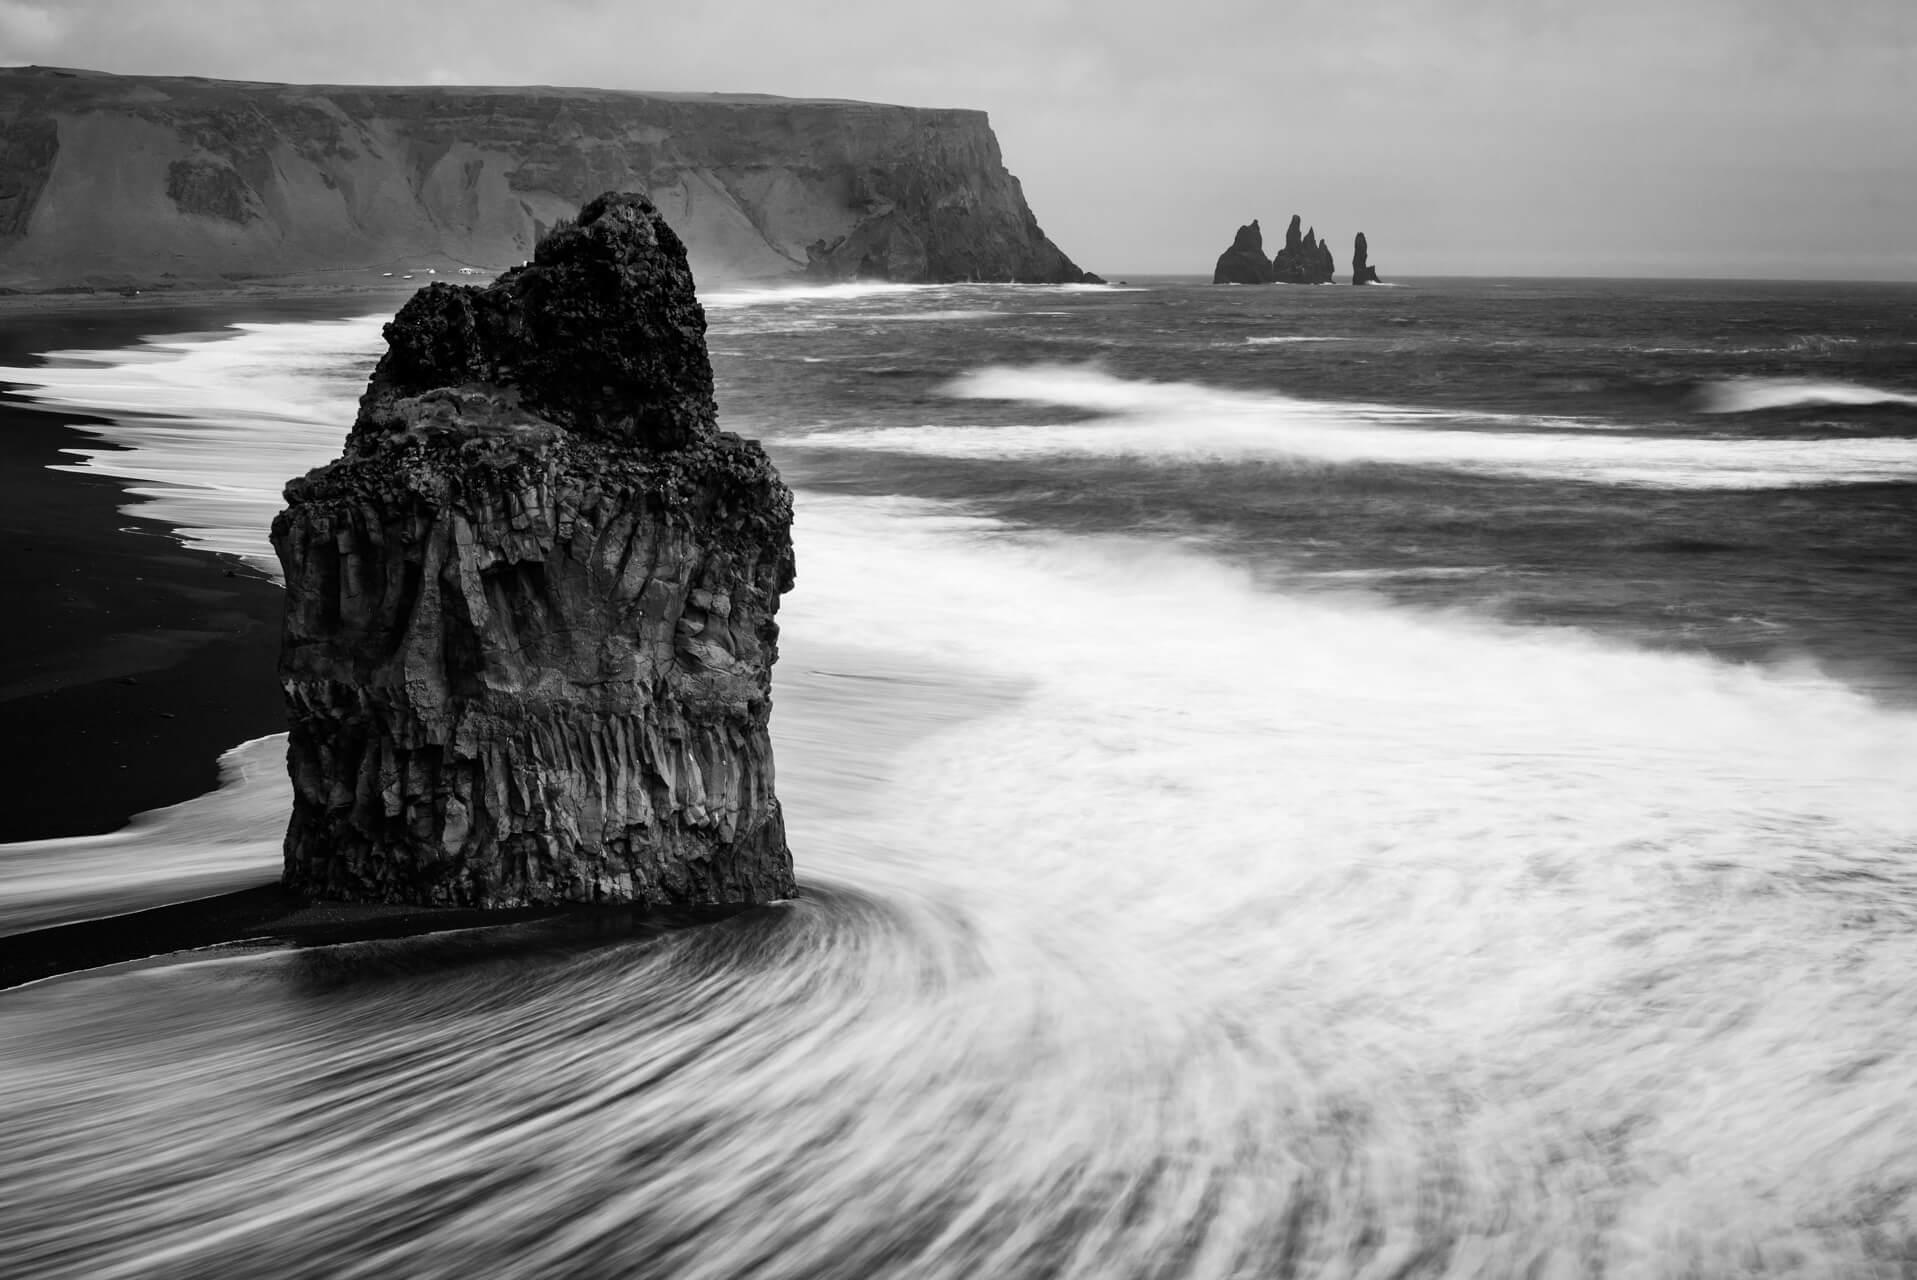 Island monochrom, Reynisdrangar; Fotograf Steffen Lohse